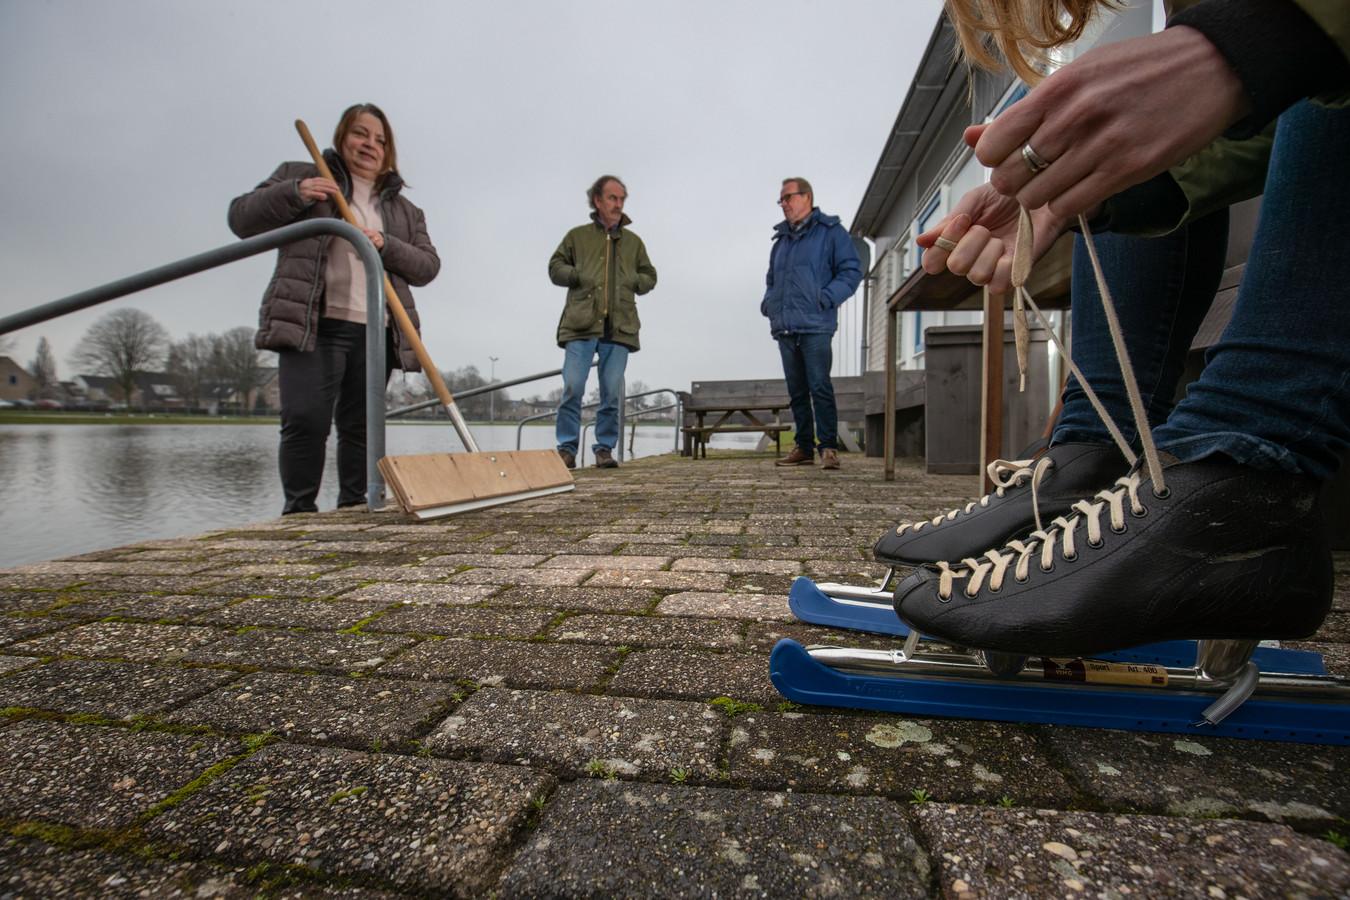 Bestuursleden Ineke Voerman, Henk Bos en Wim Bouhuijs overleggen over de maatregelen die de club neemt om de ijsbaan eventueel volgende week coronaproof te kunnen openen.